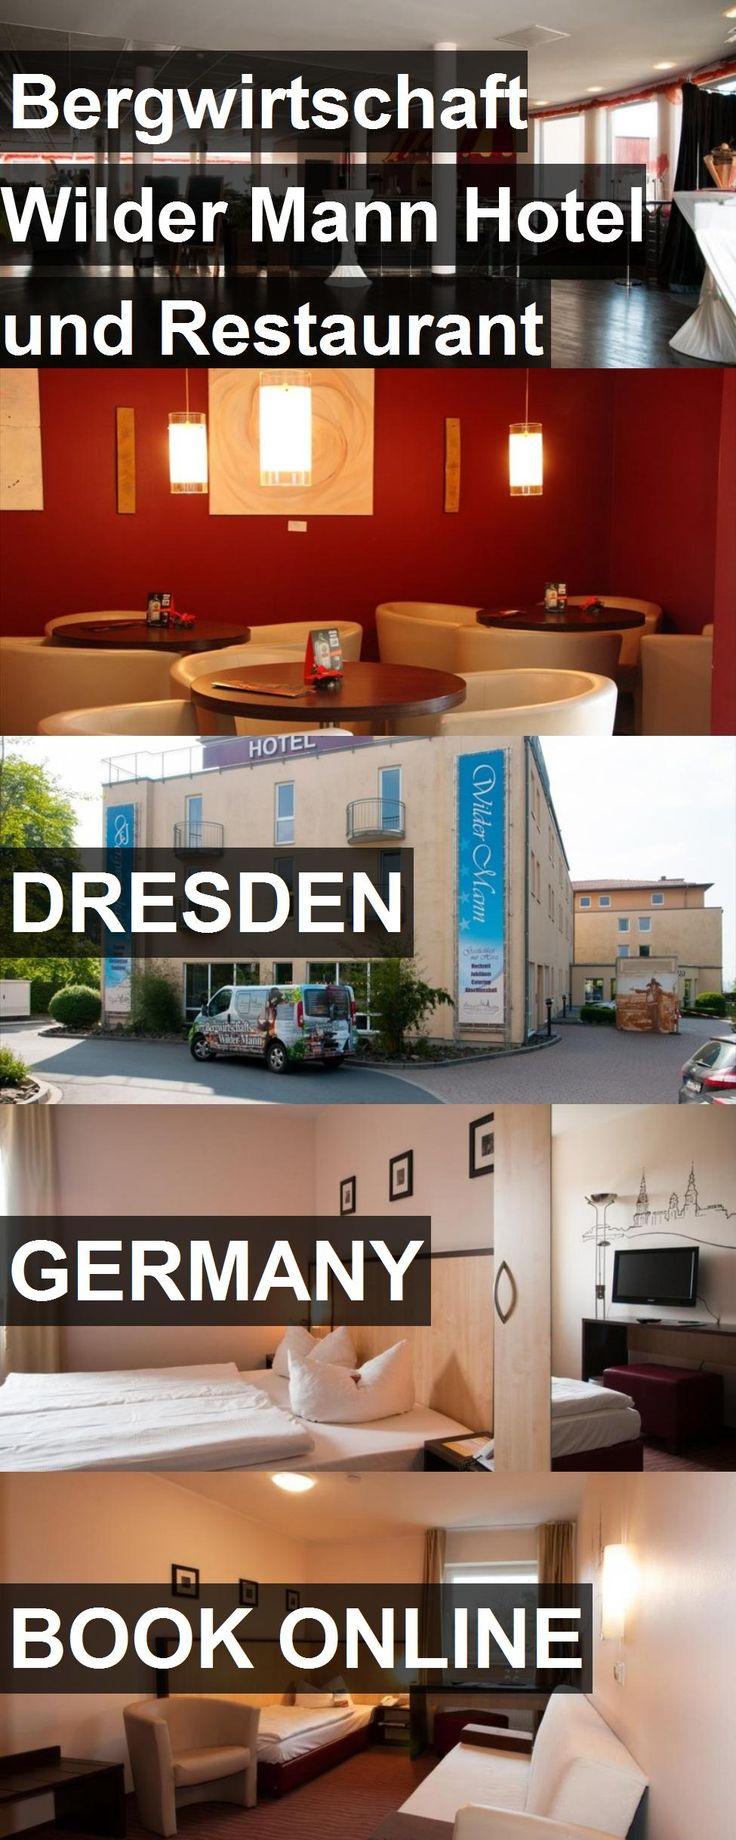 Bergwirtschaft Wilder Mann Hotel Und Restaurant In Dresden Germany For More Information Photos